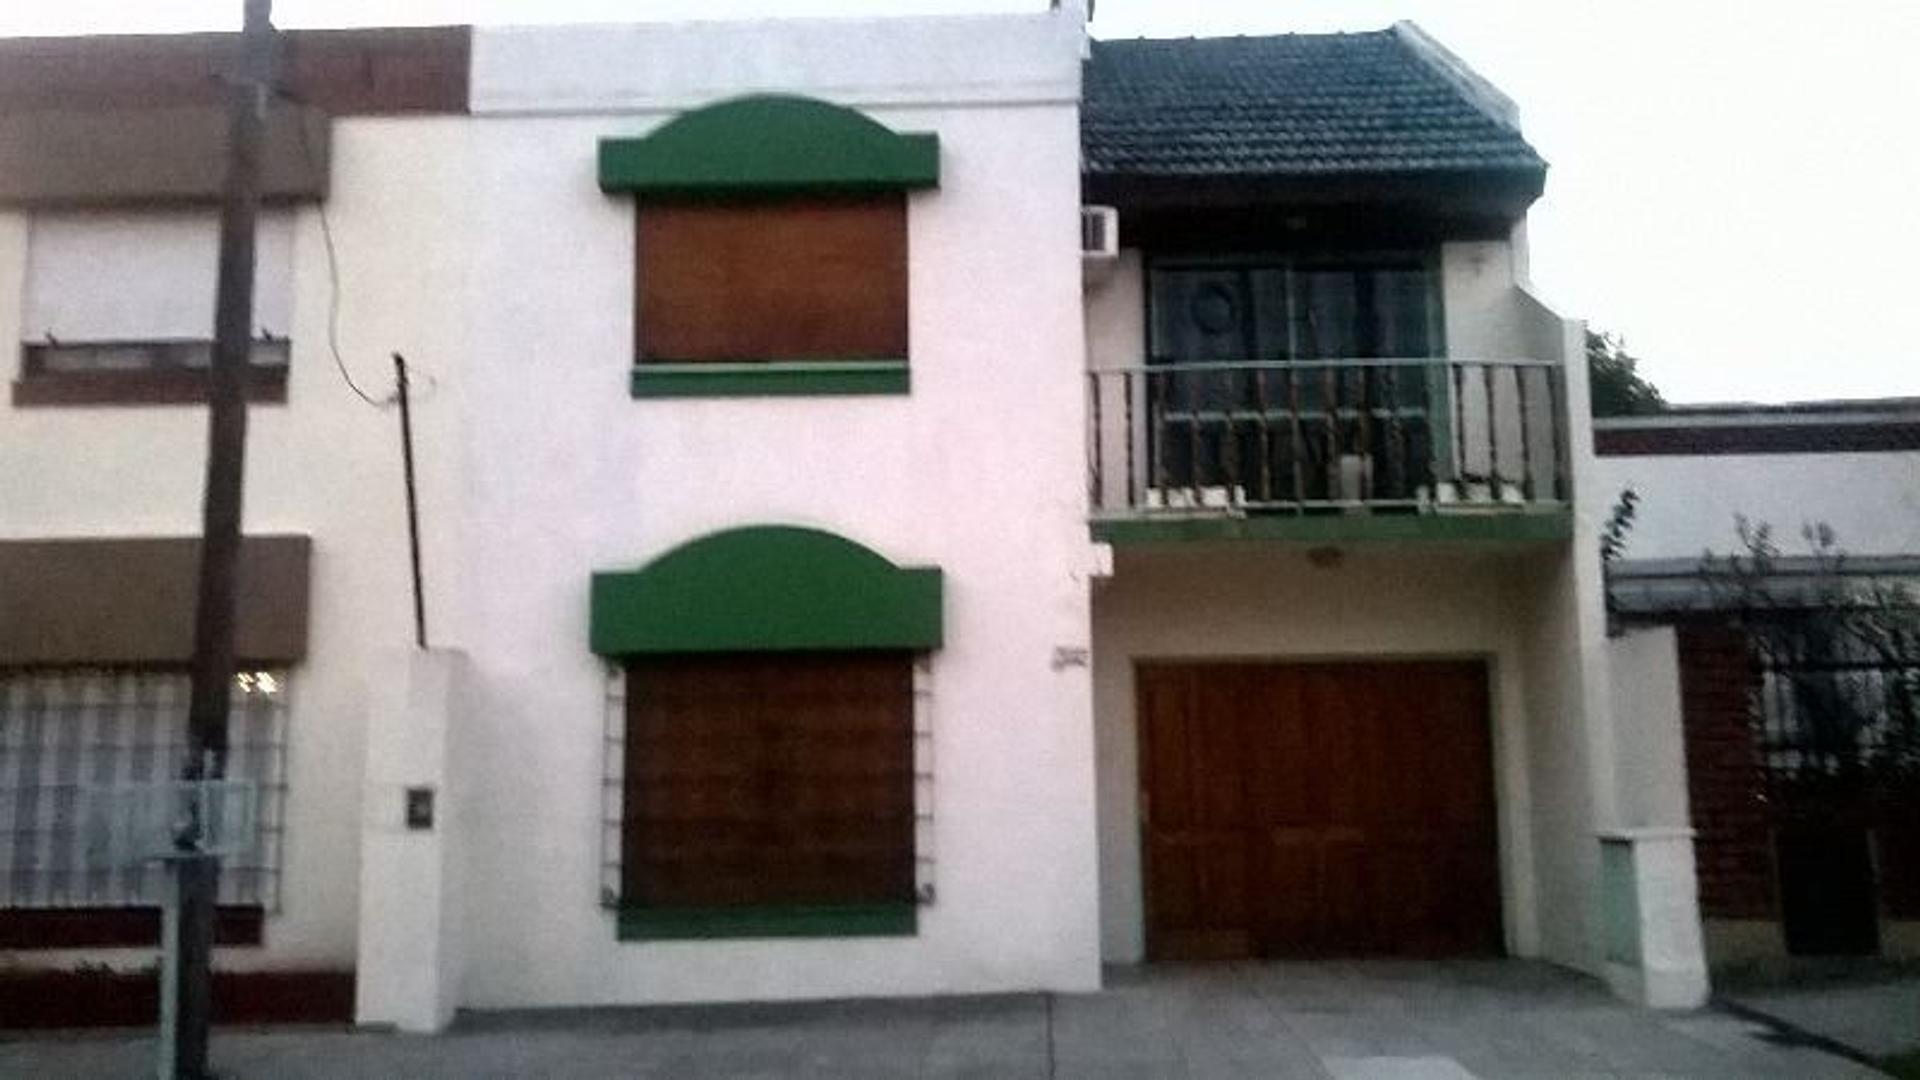 Impecable duplex 3 ambientes con garage cubierto